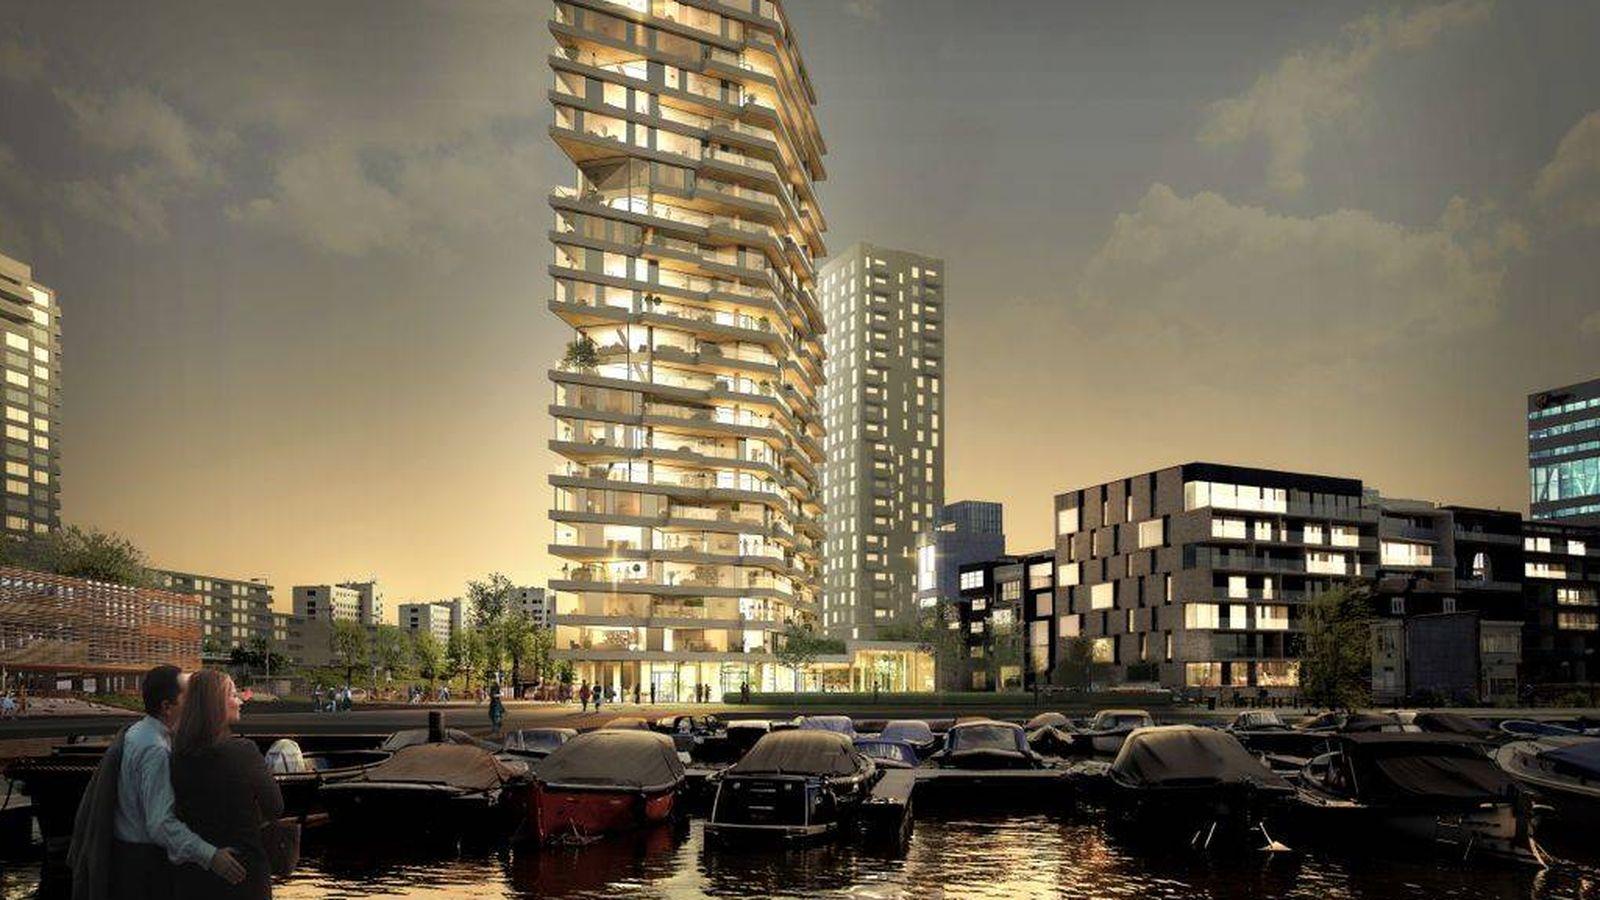 Foto: HAUT, el edificio de madera que se comenzará a construir en Amsterdam el año que viene (Foto: Team V Architecture)